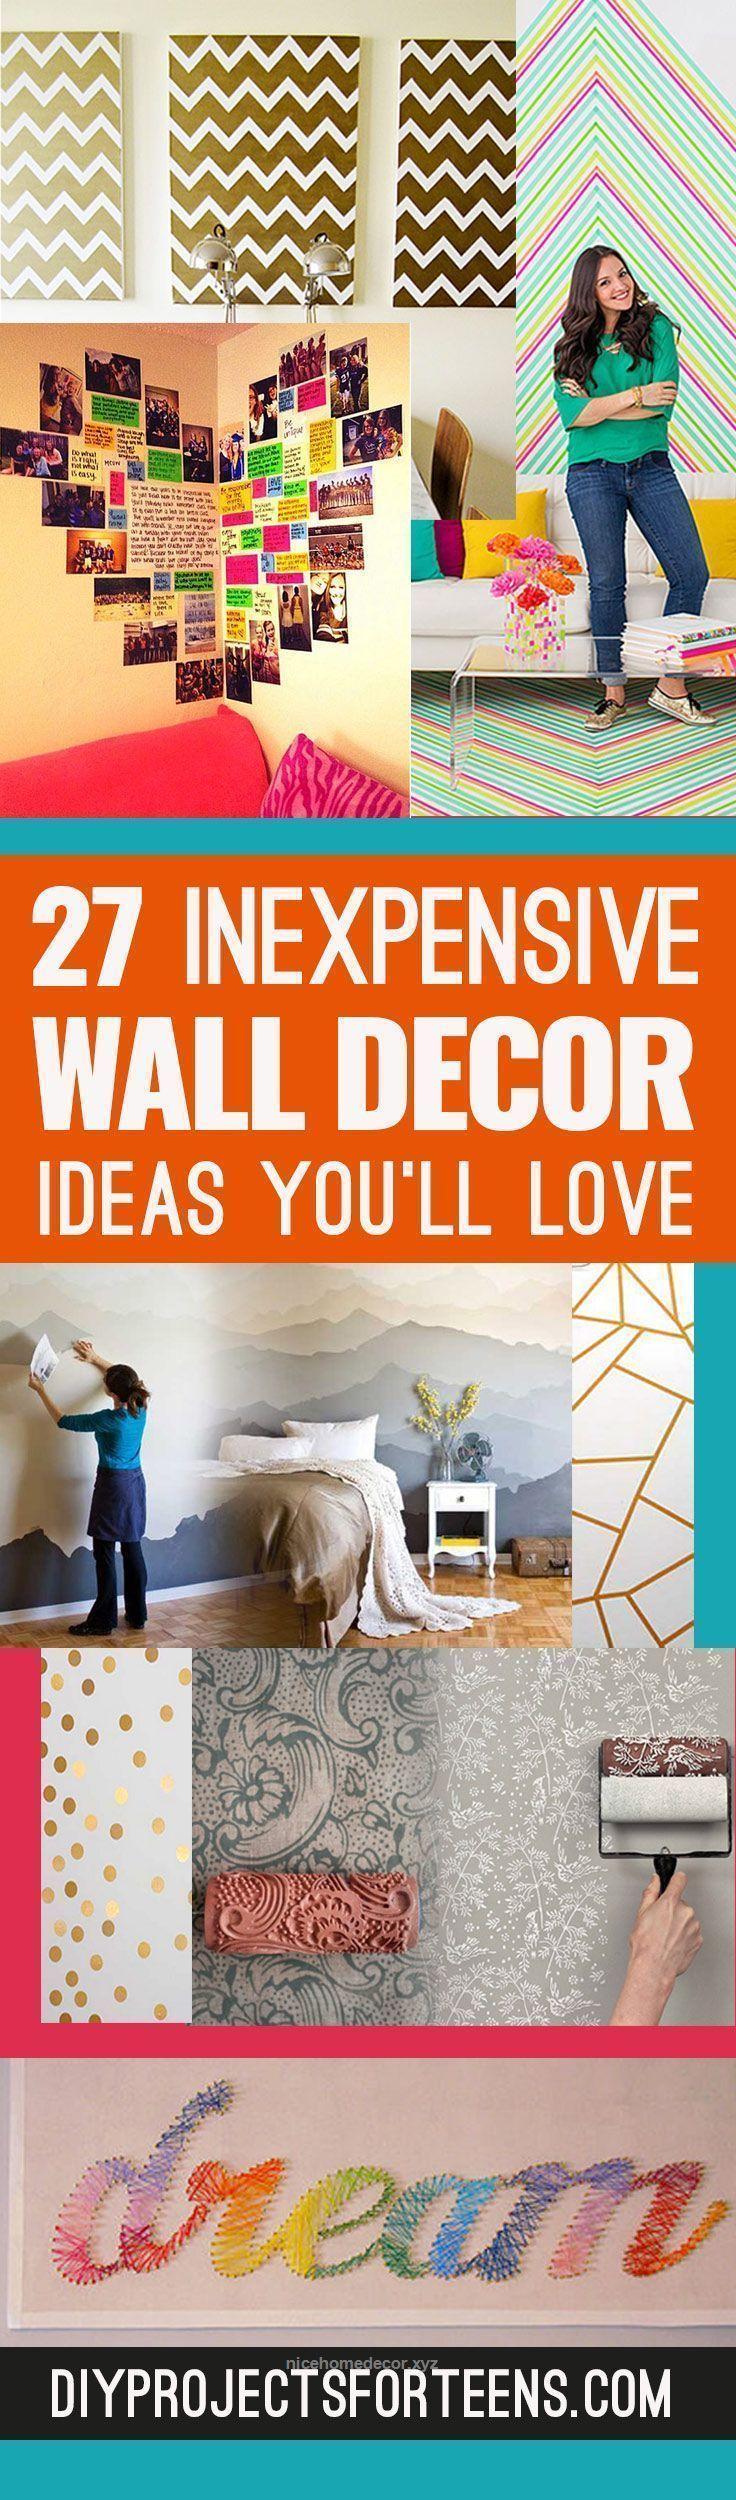 Creative bedroom decor ideas lovely cute diy wall art ideas youull love u creative room decor on